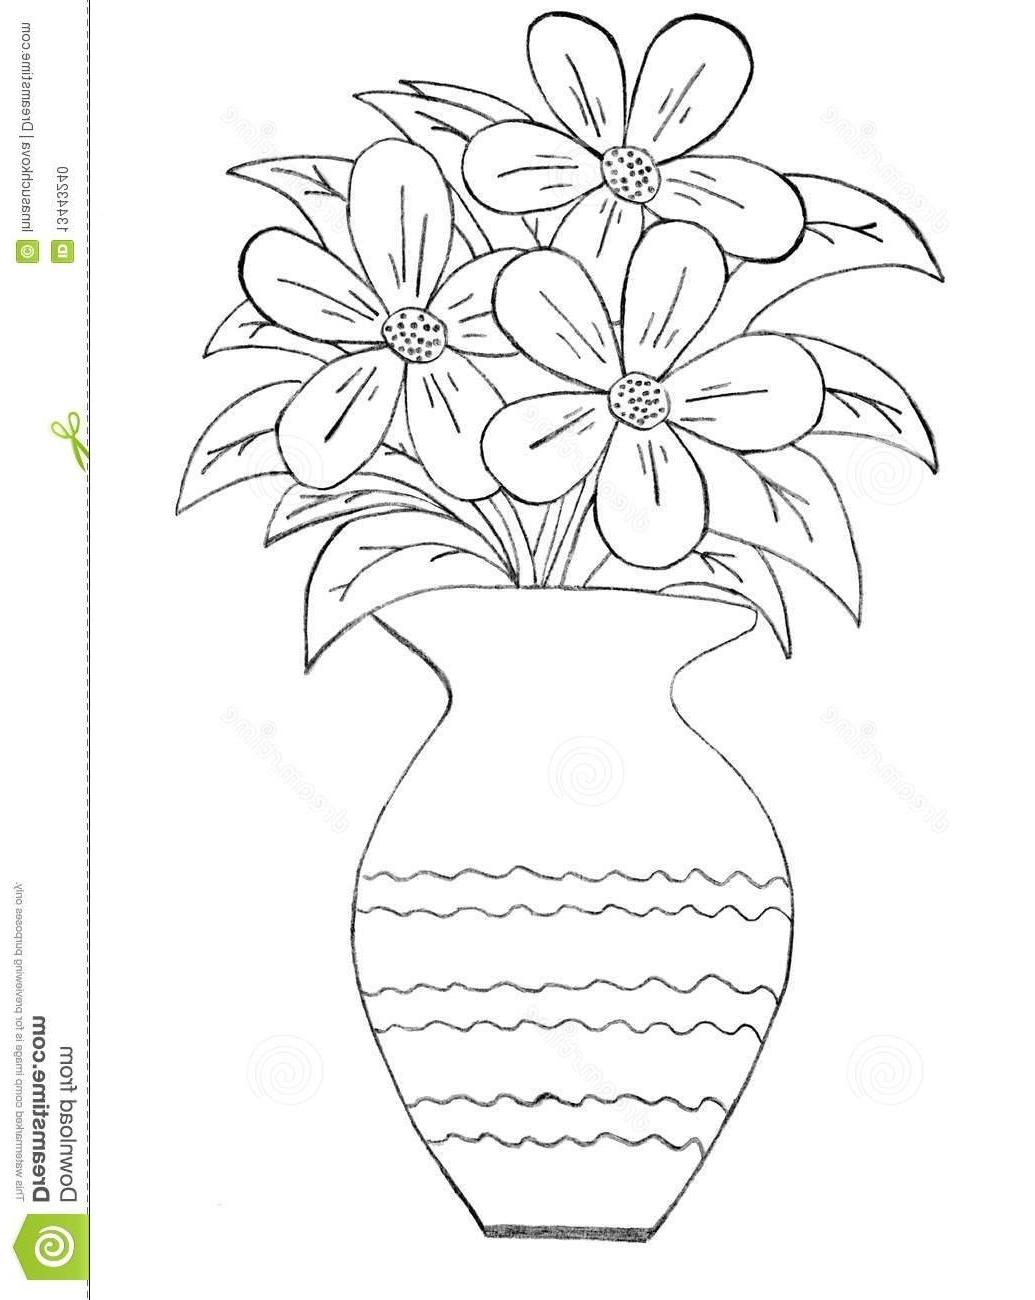 1035x1300 Gallery Easy Drawings Of Flowers In A Vase,